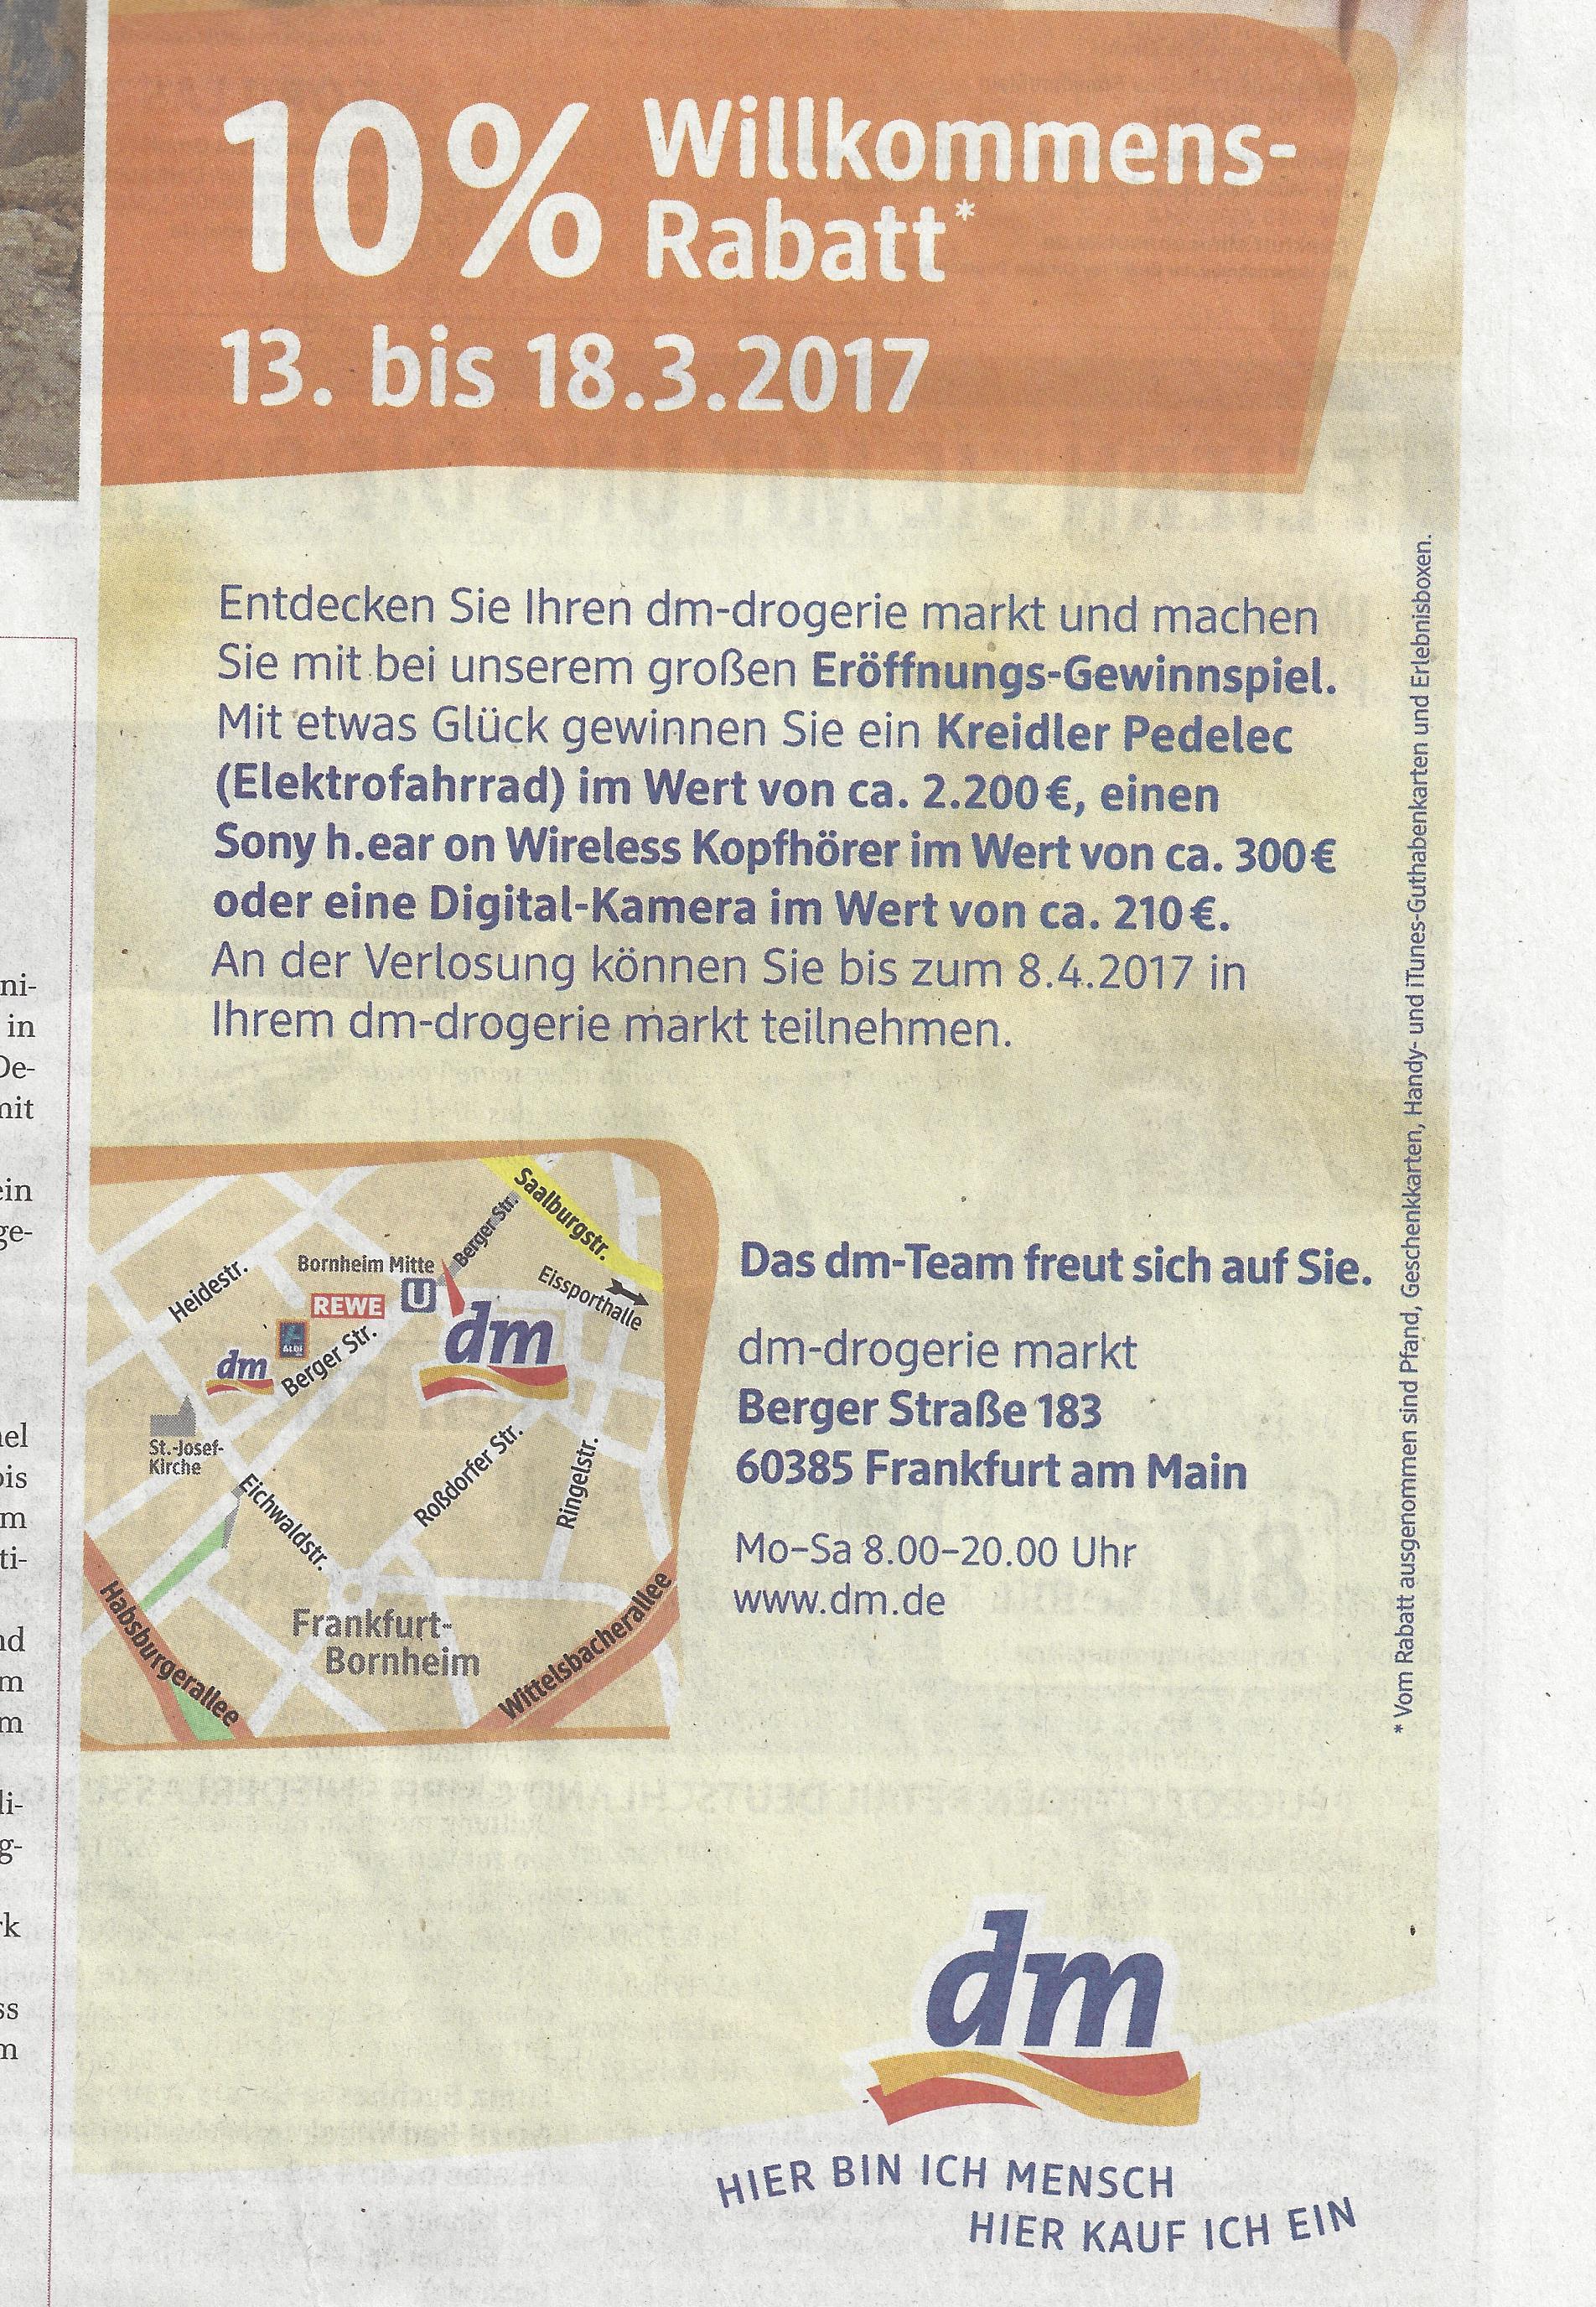 Lokal Frankfurt am Main - 10% Rabatt im dm-drogerie Markt in Frankfurt/Main , Berger Straße 183 (Wiedereröffnung vom 13. bis 18.3.2017)